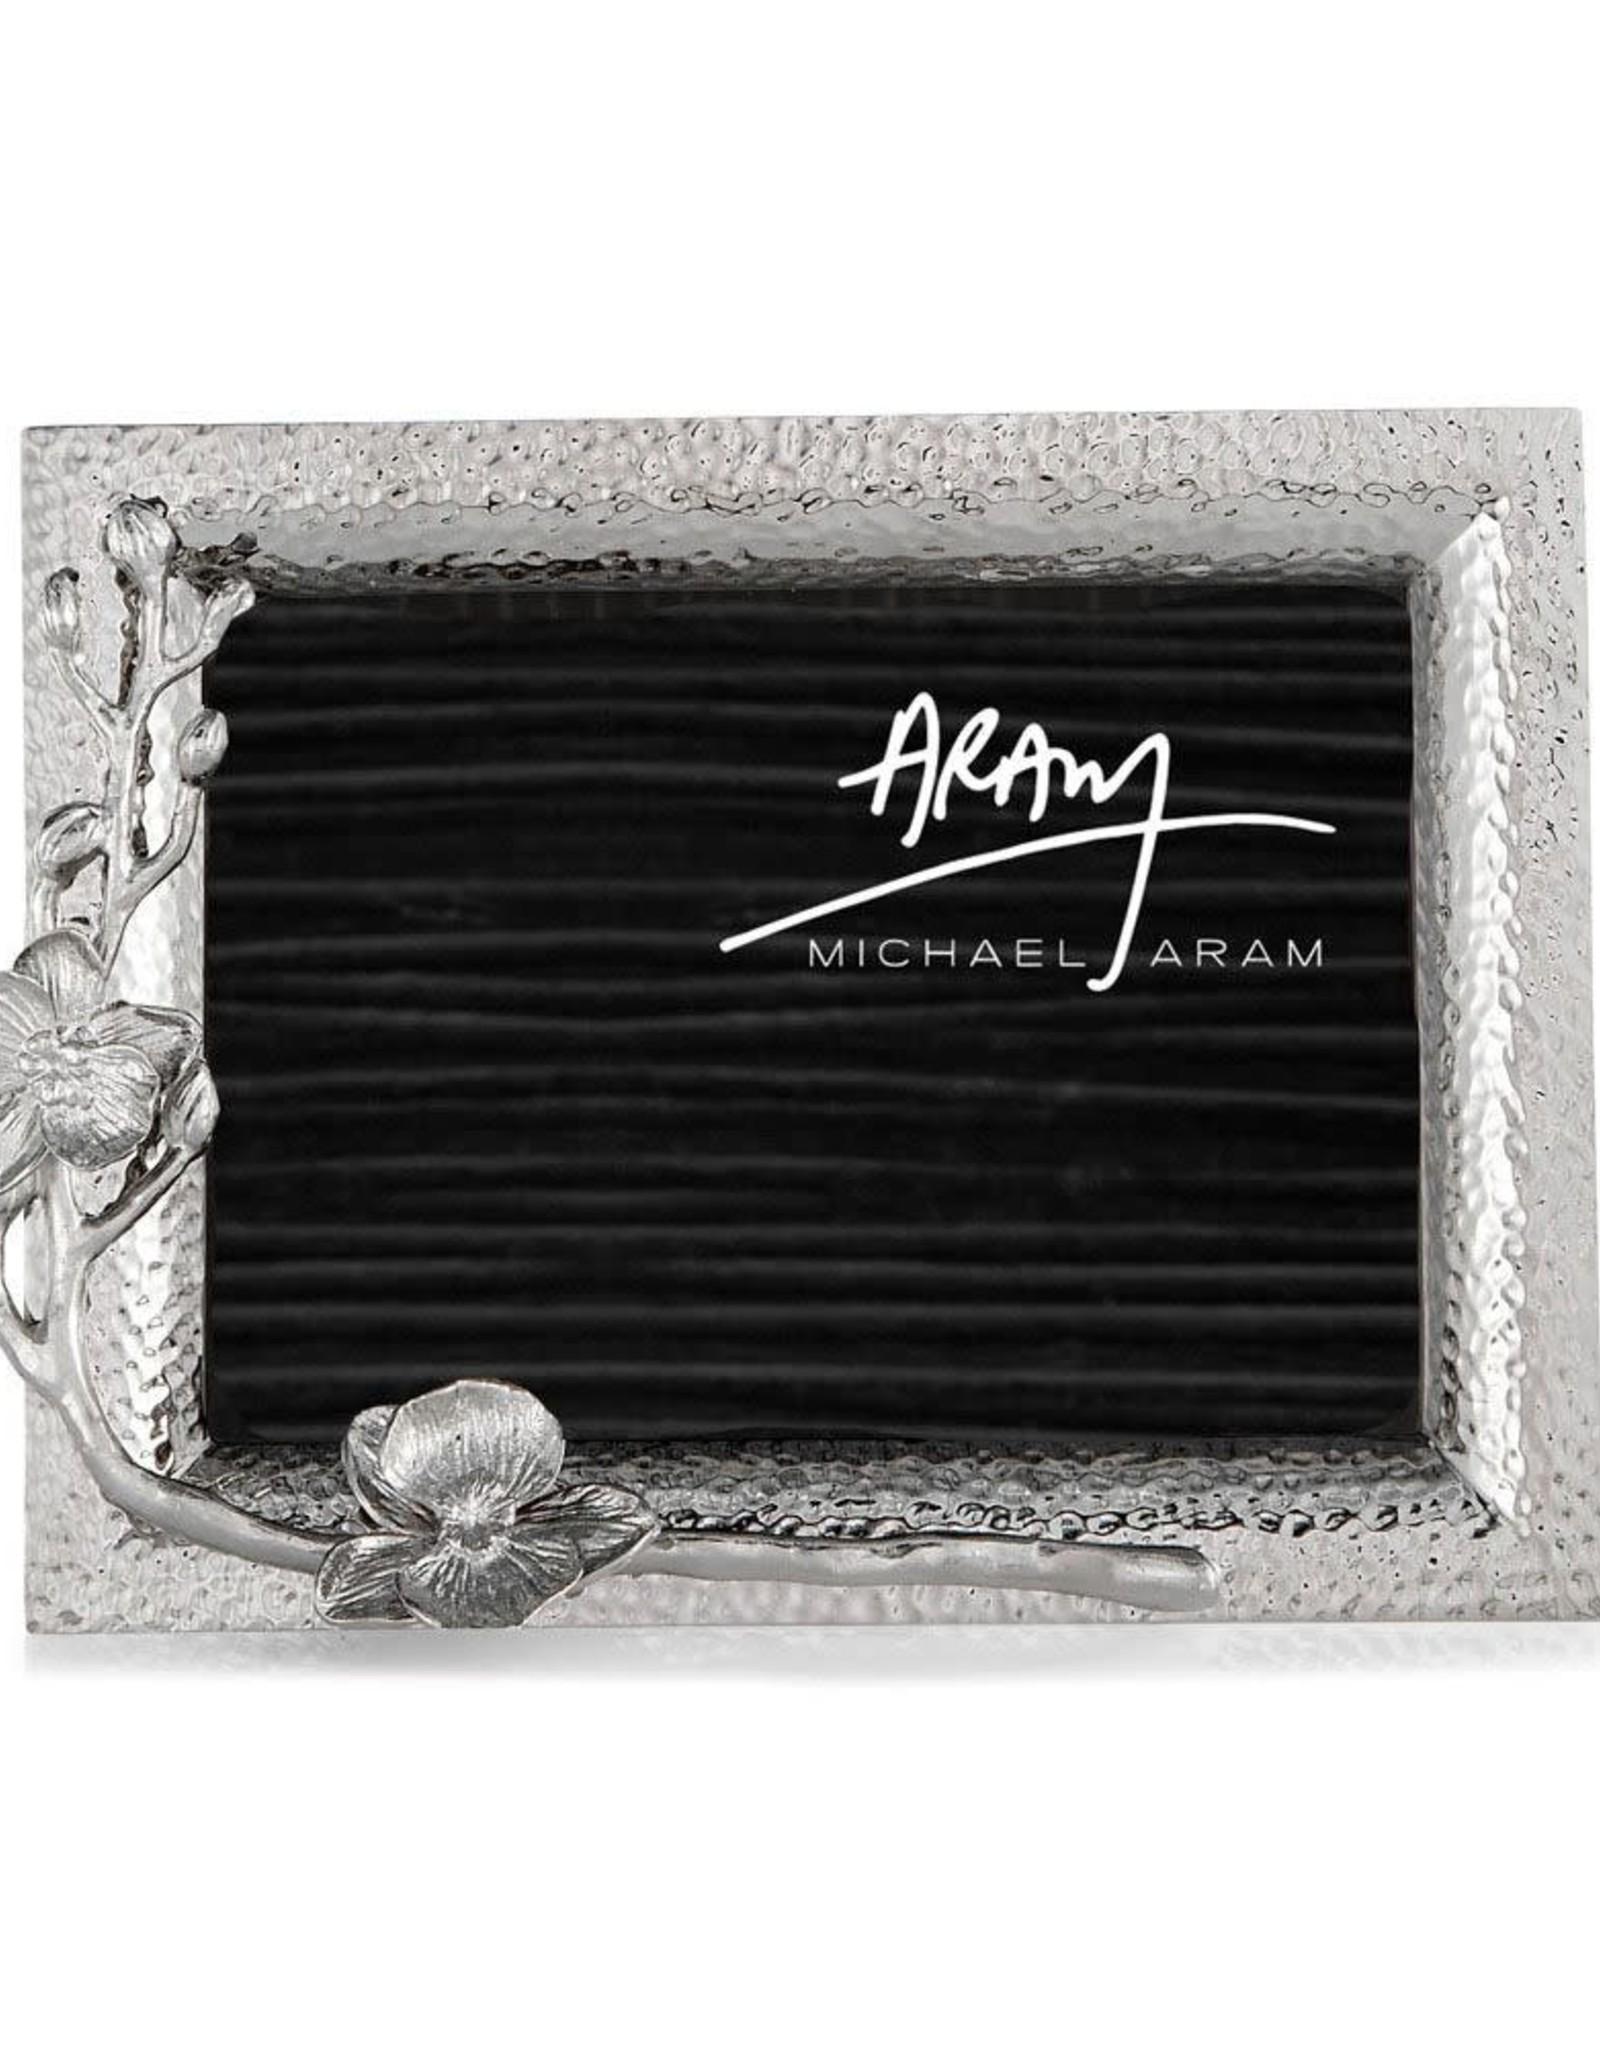 Michael Aram White Orchid 5x7 Frame